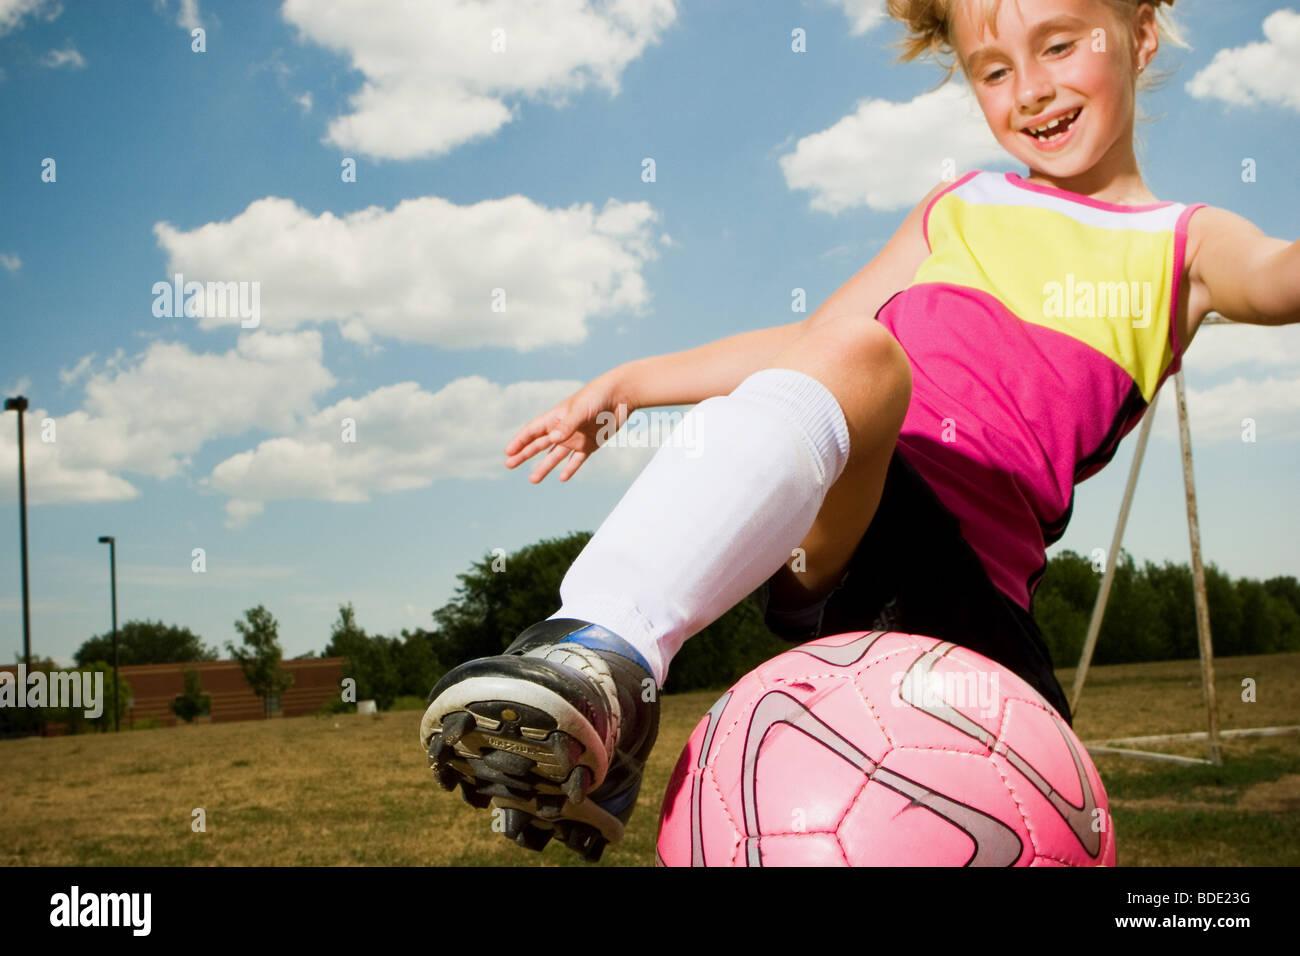 Mädchen Fußball spielen. Stockbild